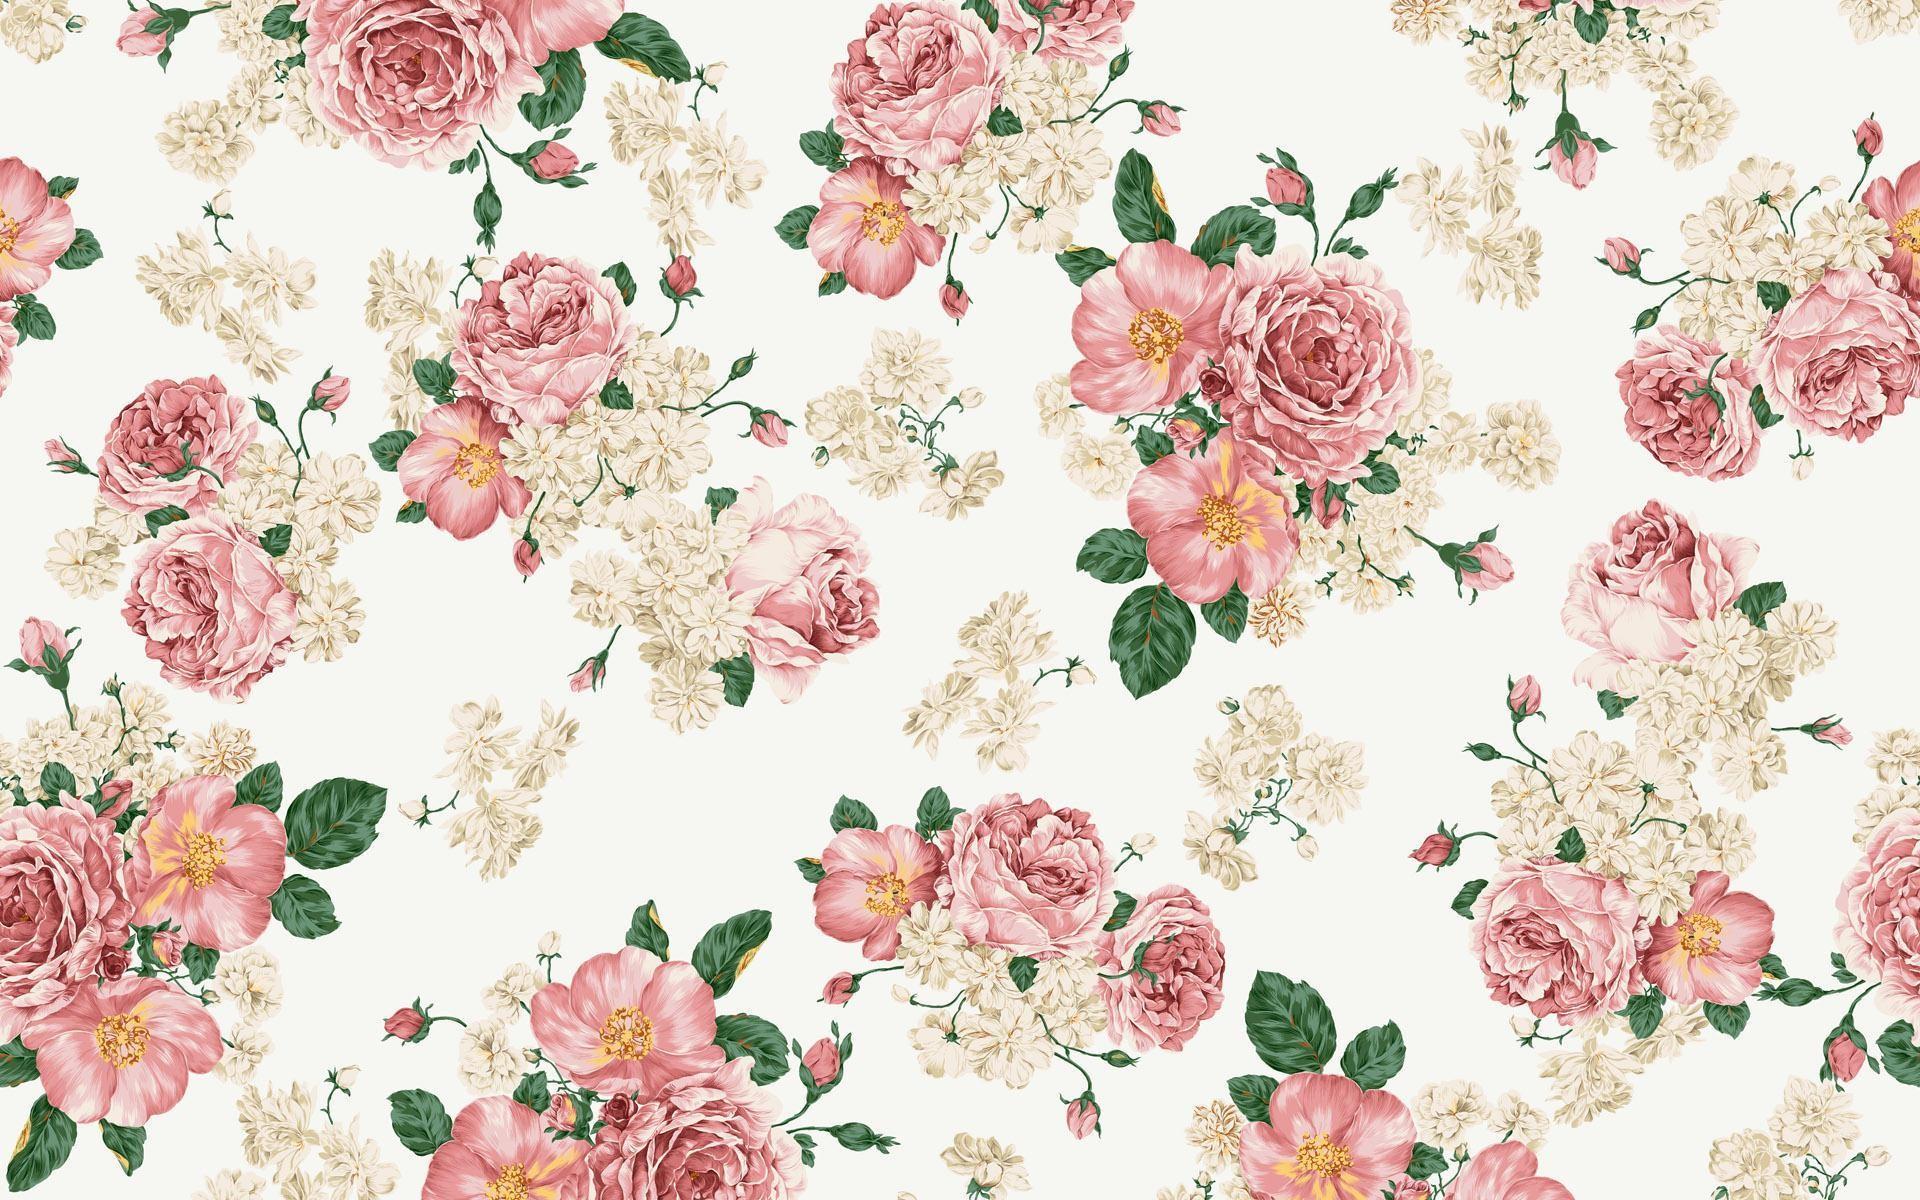 Die 85 Besten Blumen Hintergrundbilder fr Tumblr